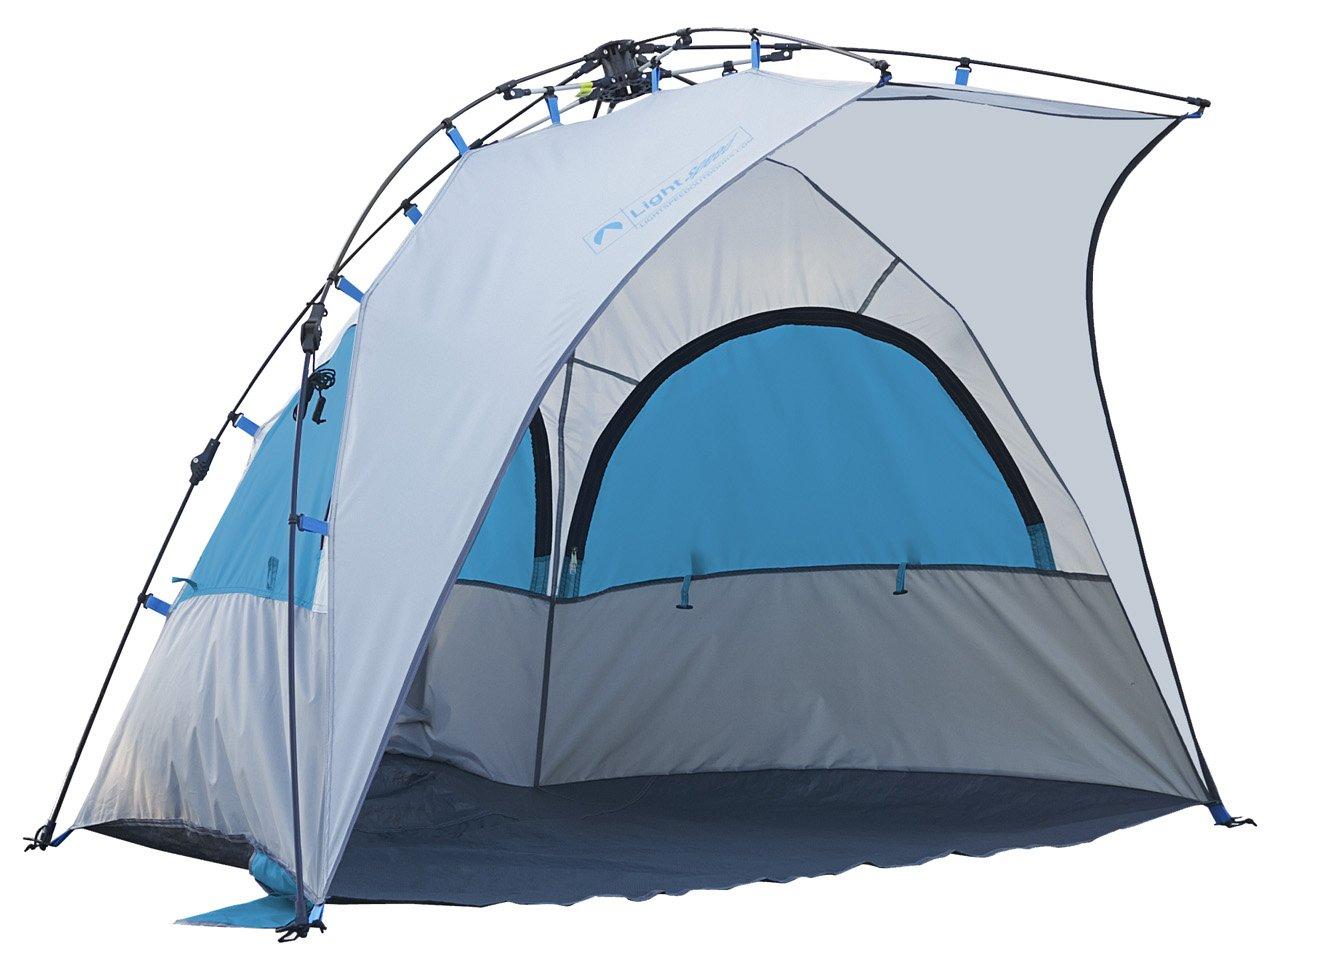 Best Pop Up Beach Tent : Top best pop up beach shelter tents for summer on